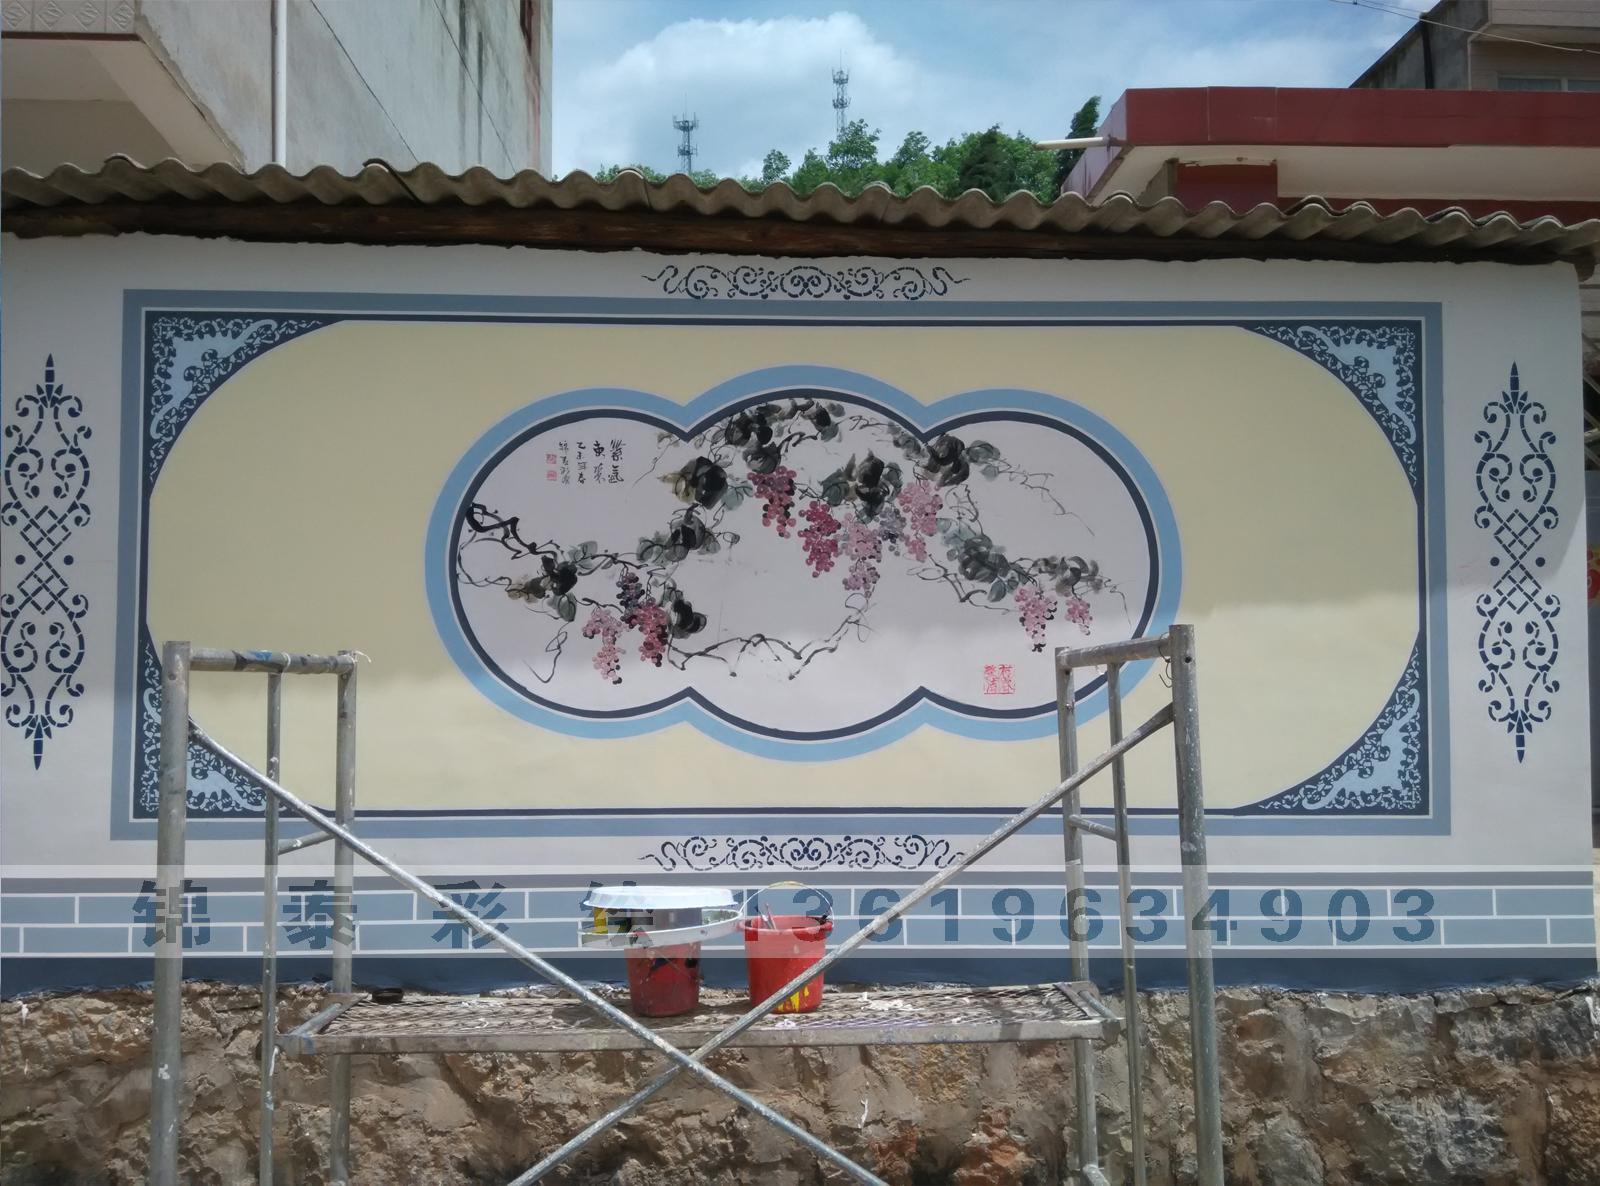 昆明新农村建设(张家营美丽乡村建设)墙体彩绘